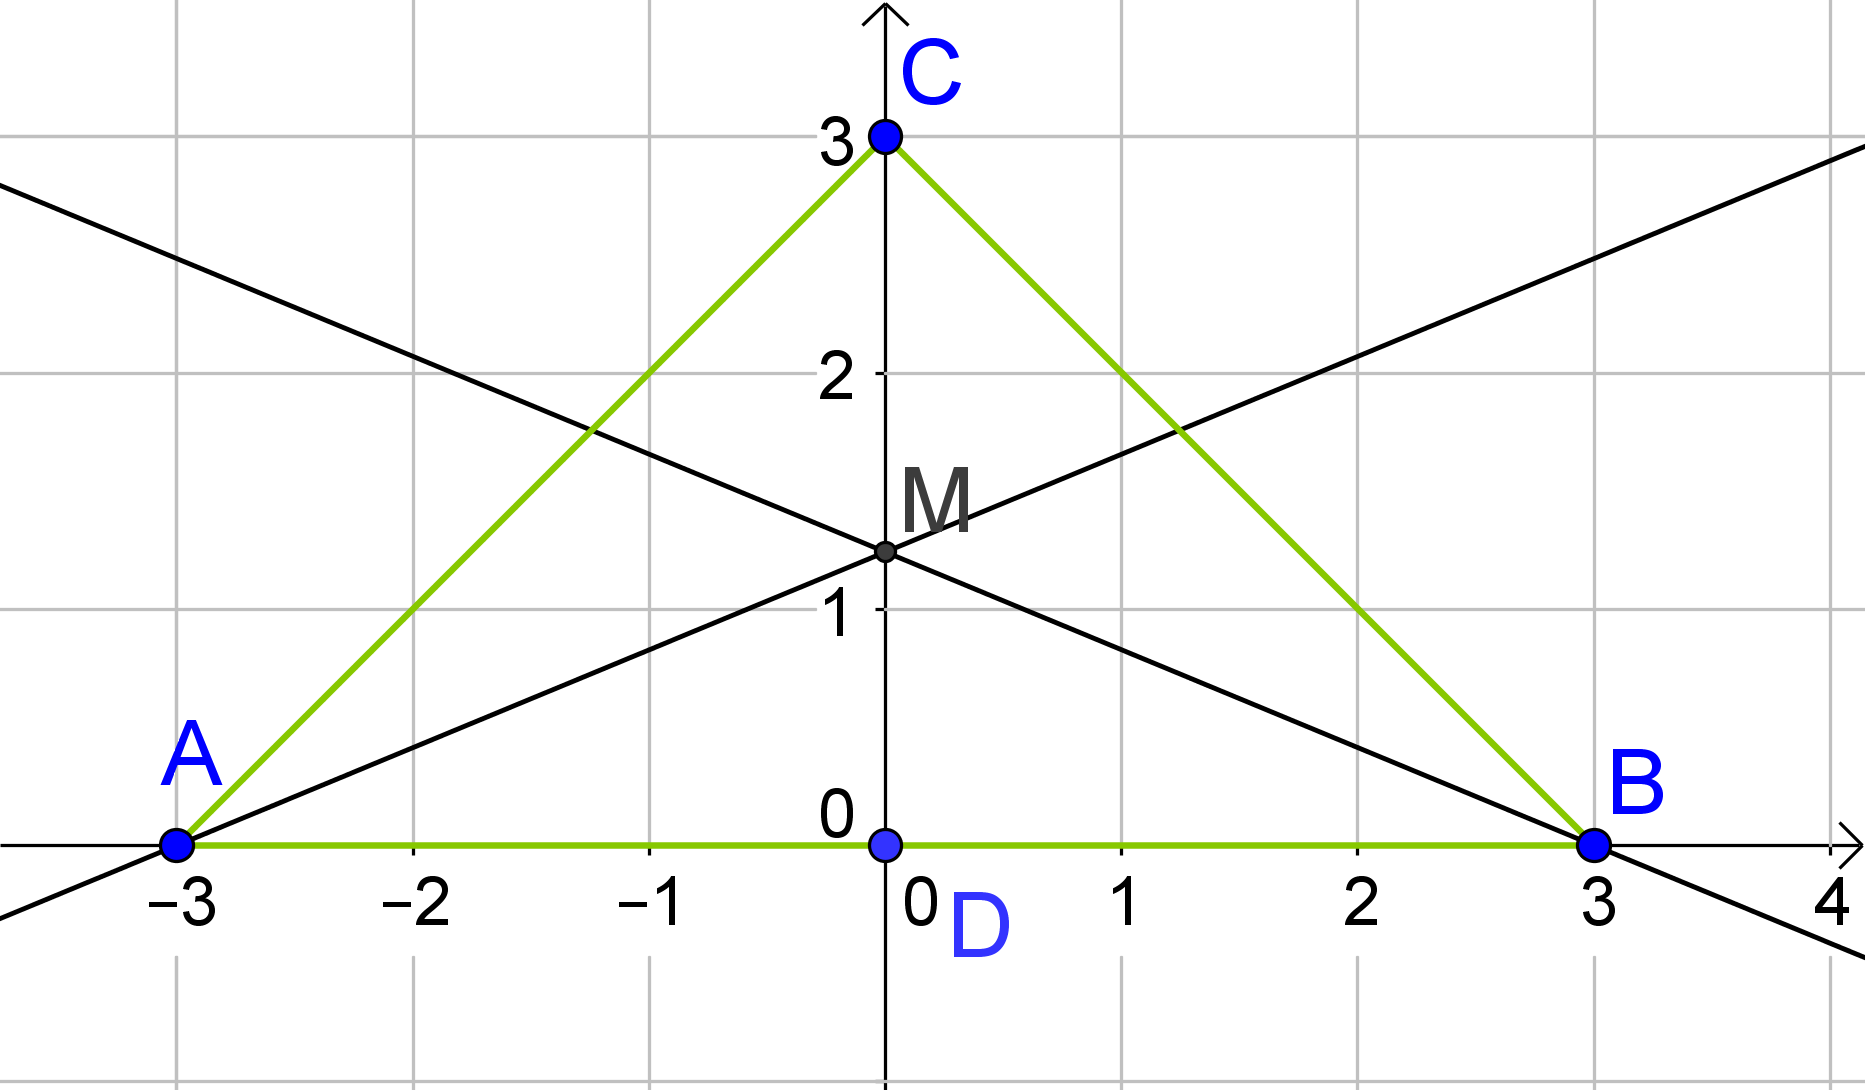 inkreis dreieck berechnen dreieck beweise bei einem. Black Bedroom Furniture Sets. Home Design Ideas